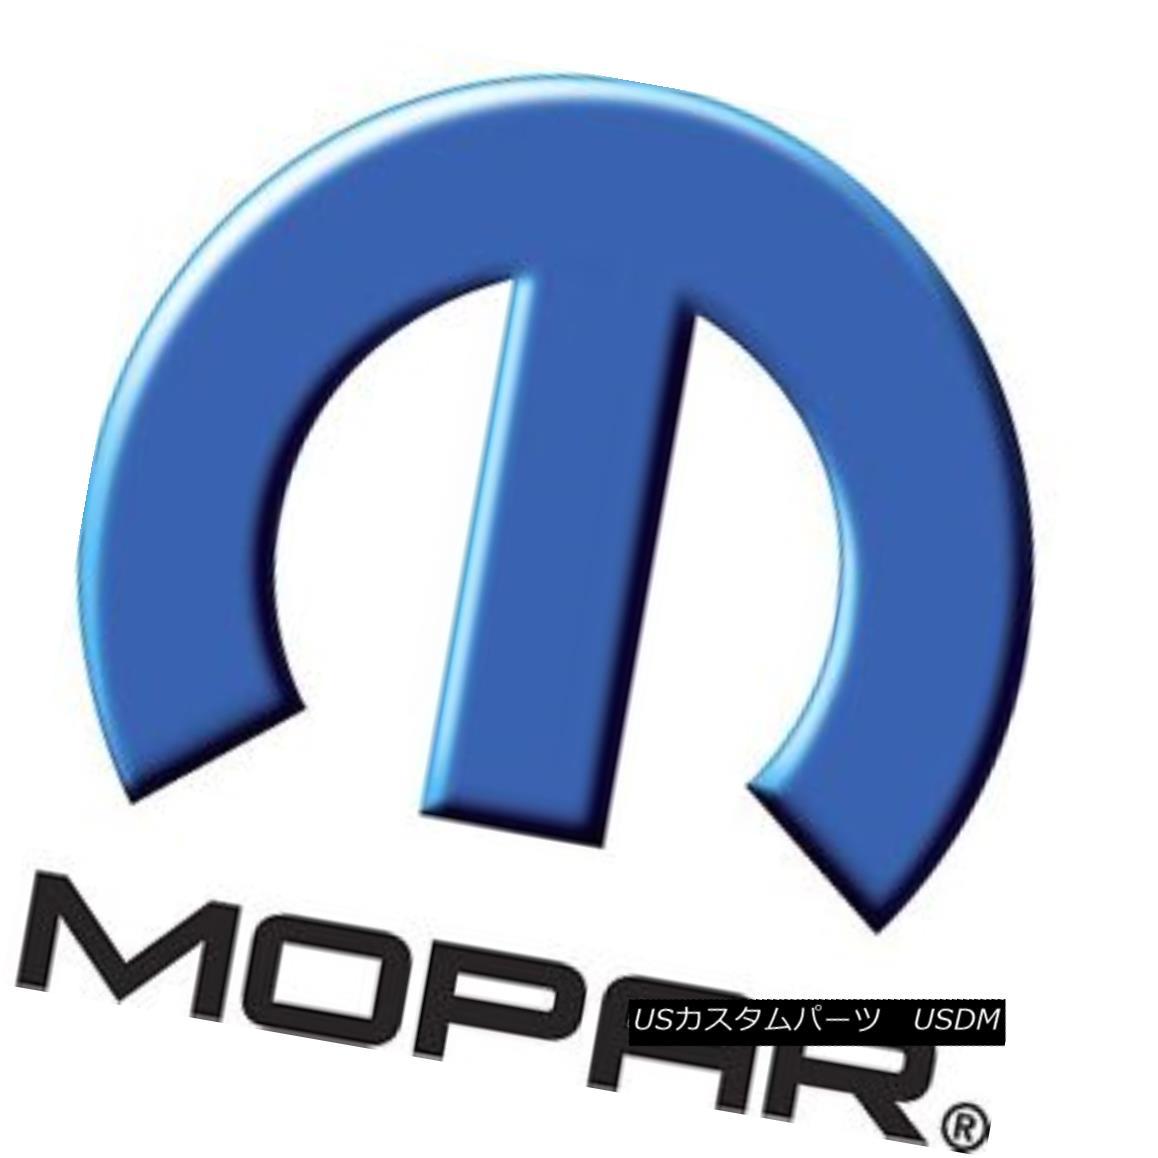 幌・ソフトトップ 07-16 Jeep Wrangler 2 Door Soft Top Foam Tape Kit Factory Mopar New OEM 07-16ジープラングラー2ドアソフトトップフォームテープキット工場Mopar新しいOEM